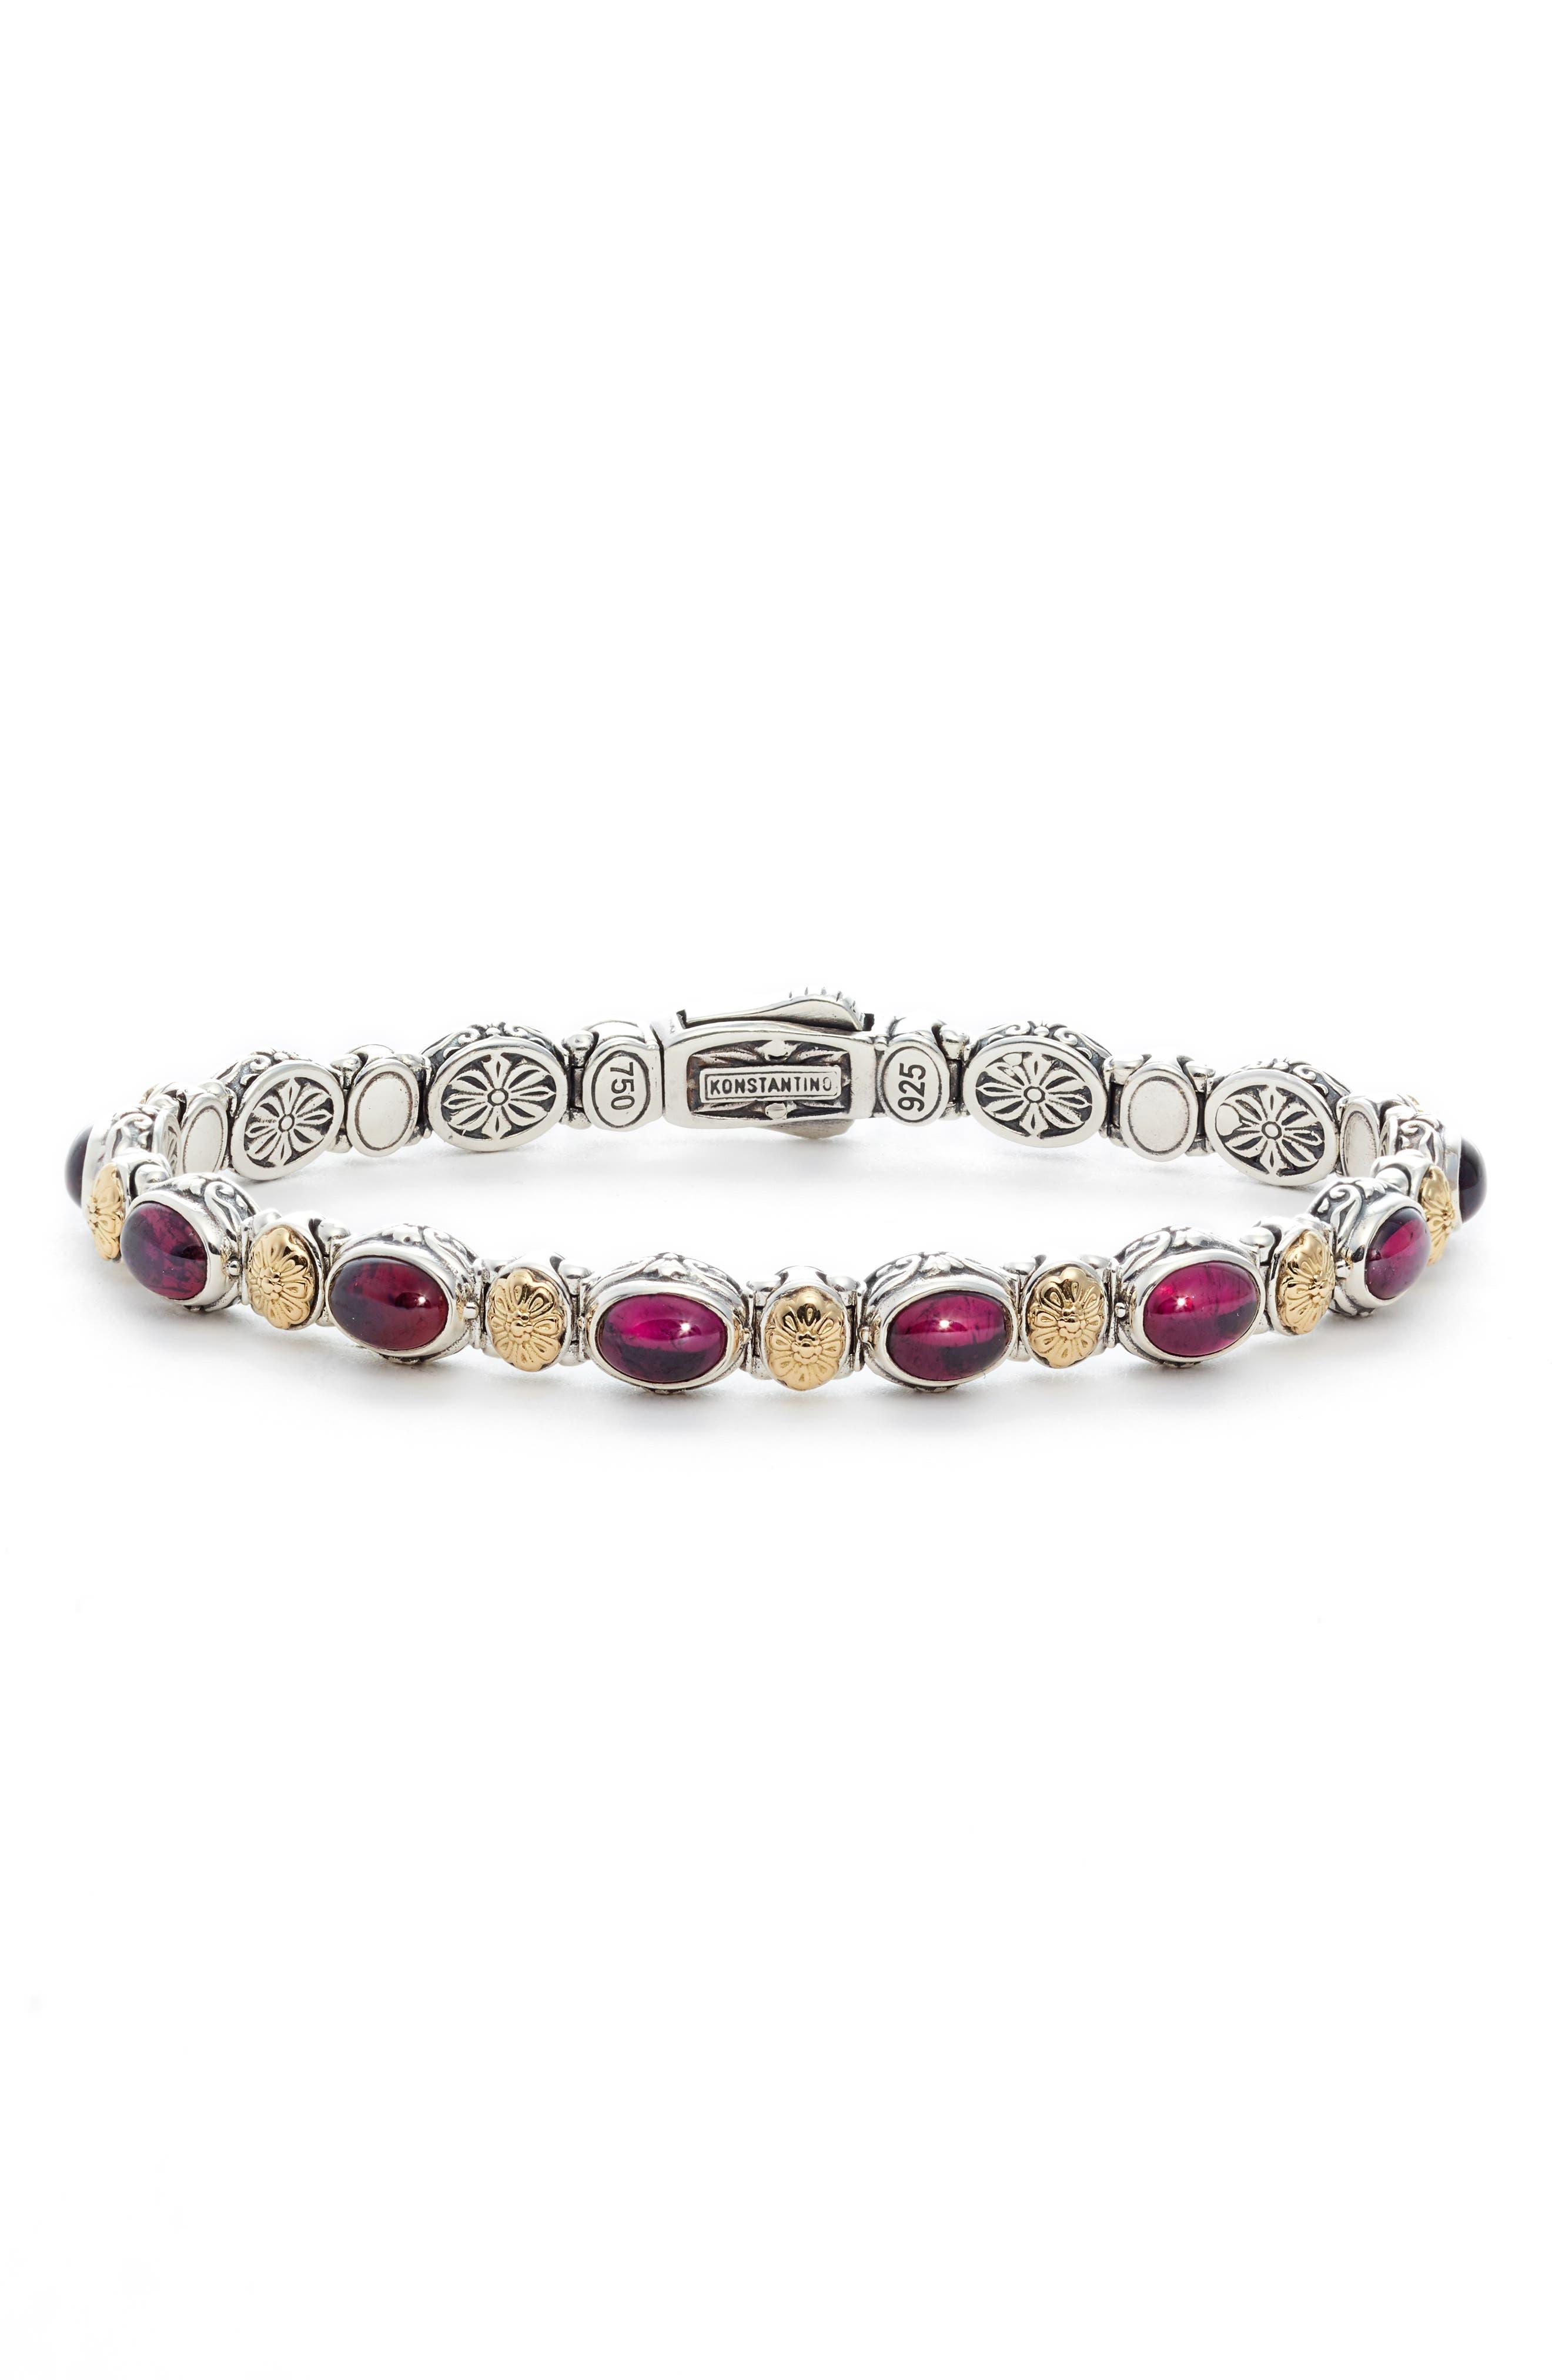 Silver Rhodolite Garnet Bracelet,                         Main,                         color, Red/ Silver/ Gold